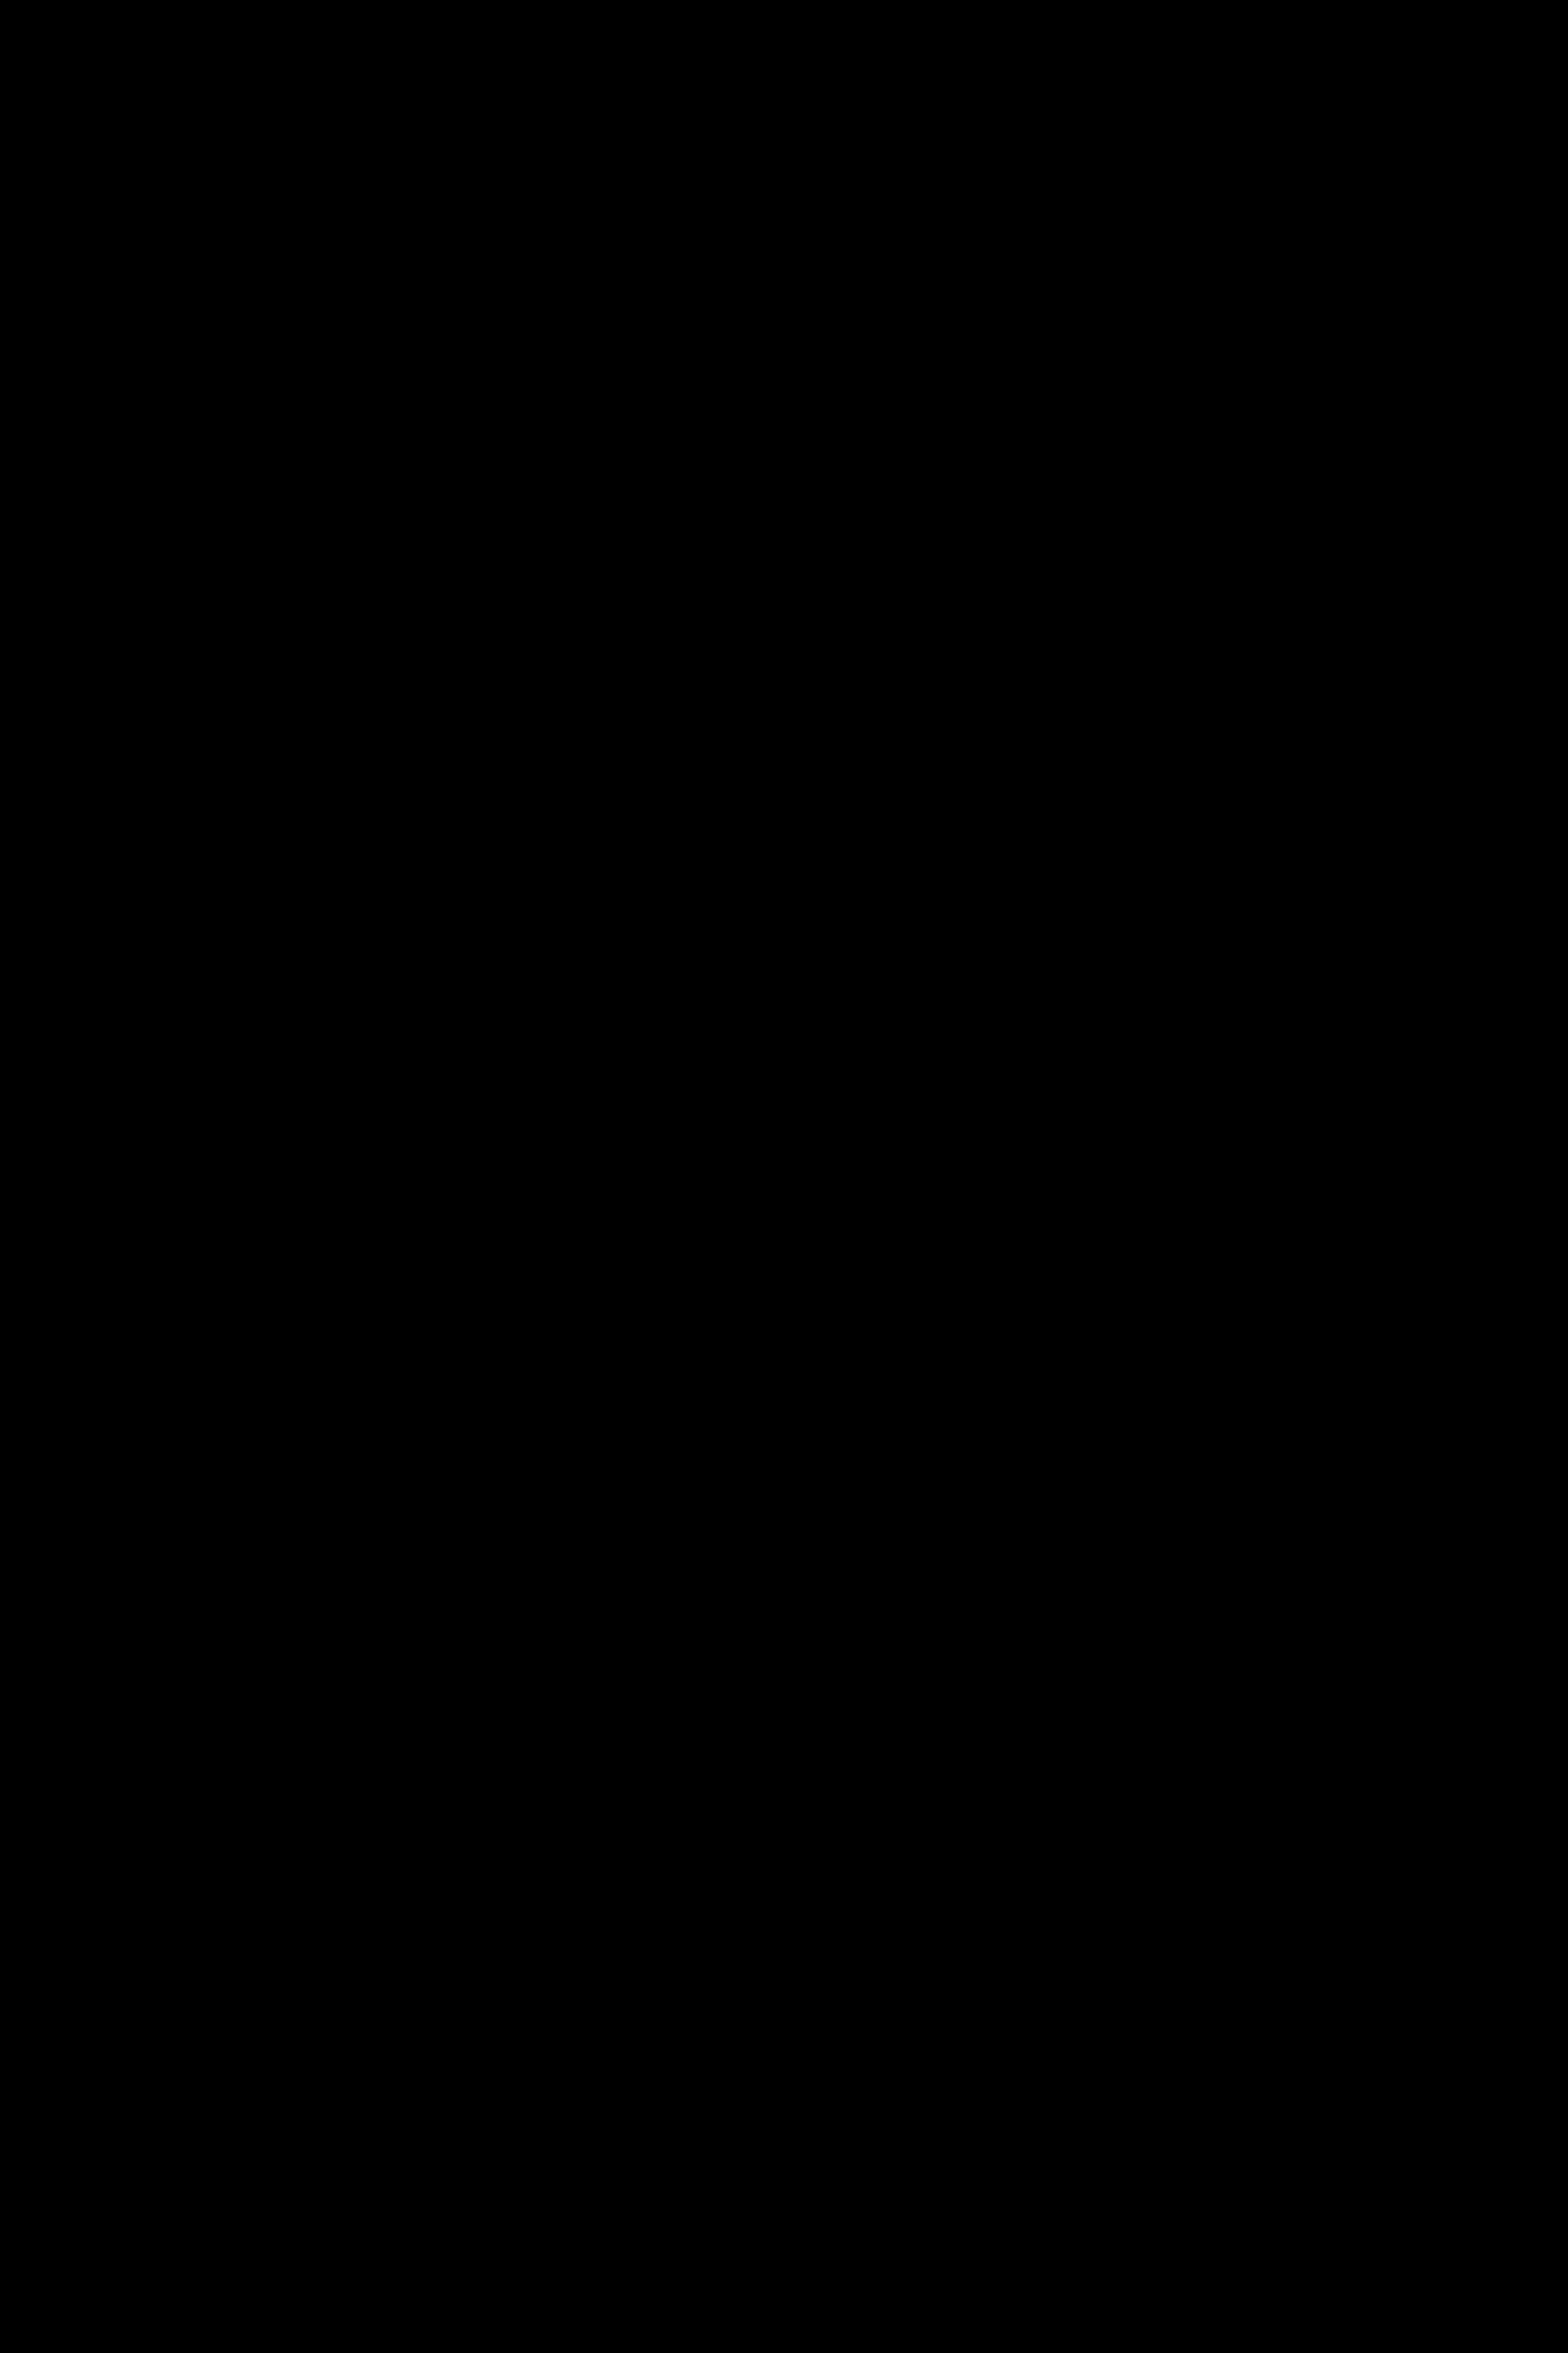 Les silhouettes de la passerelle